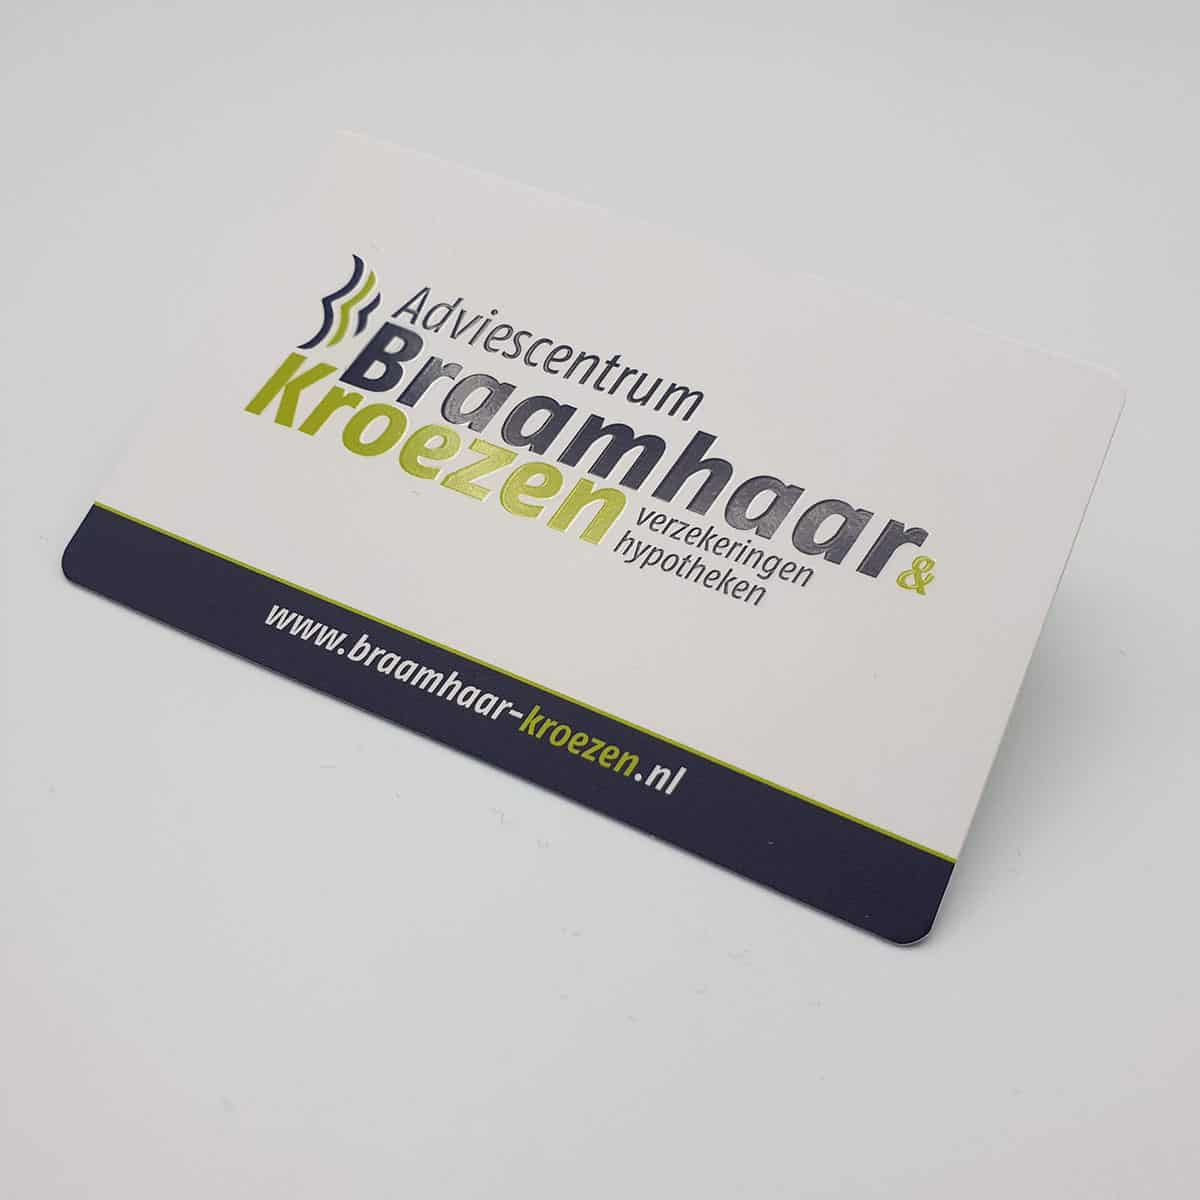 Huisstijl-visitekaartje-Braamhaar&Kroezen-burobedenkt